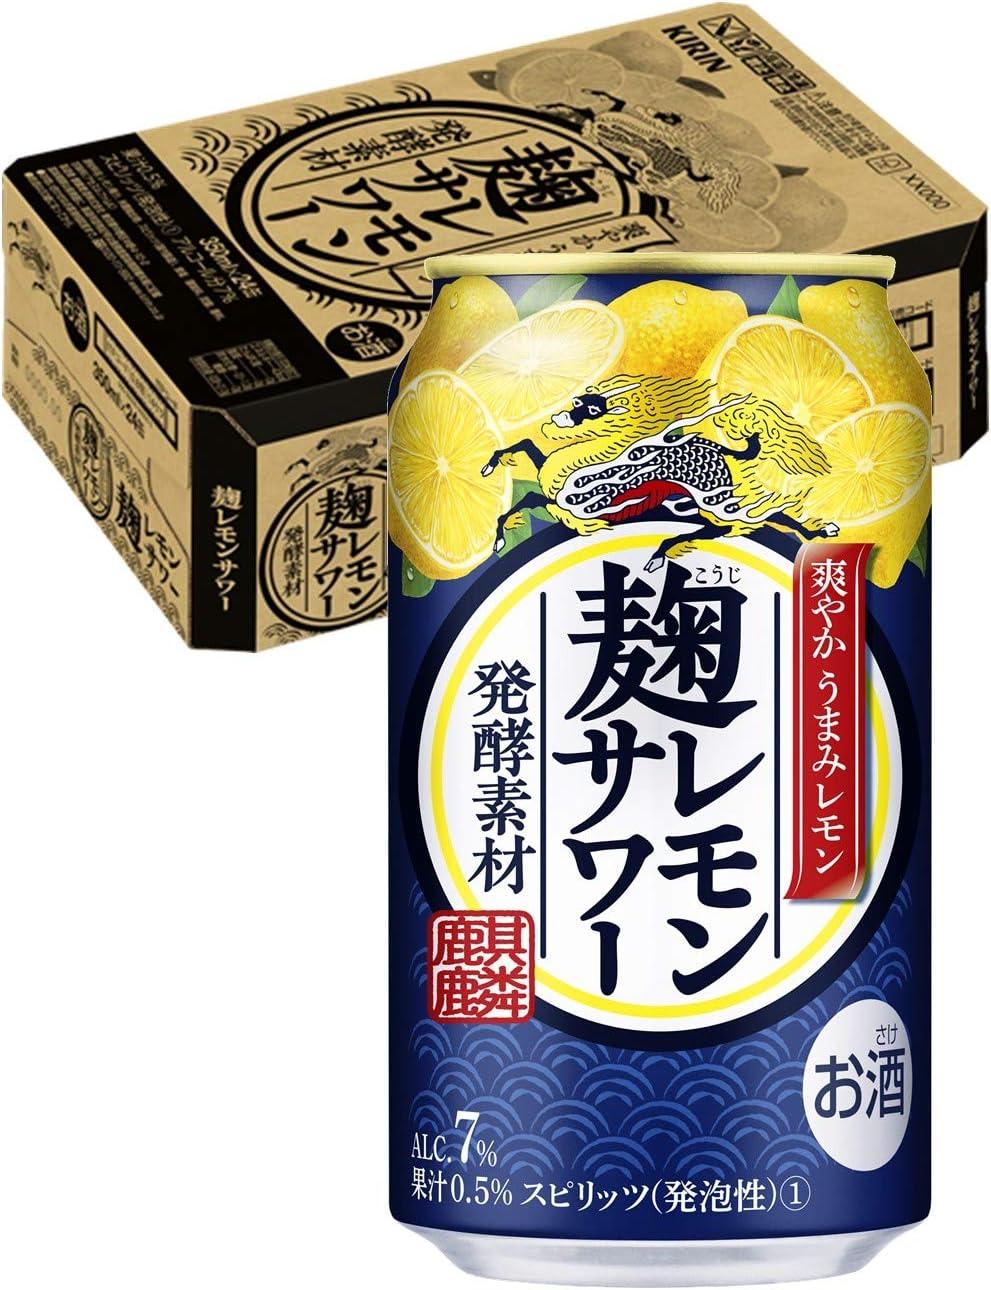 作り方 麹 の レモン サワー